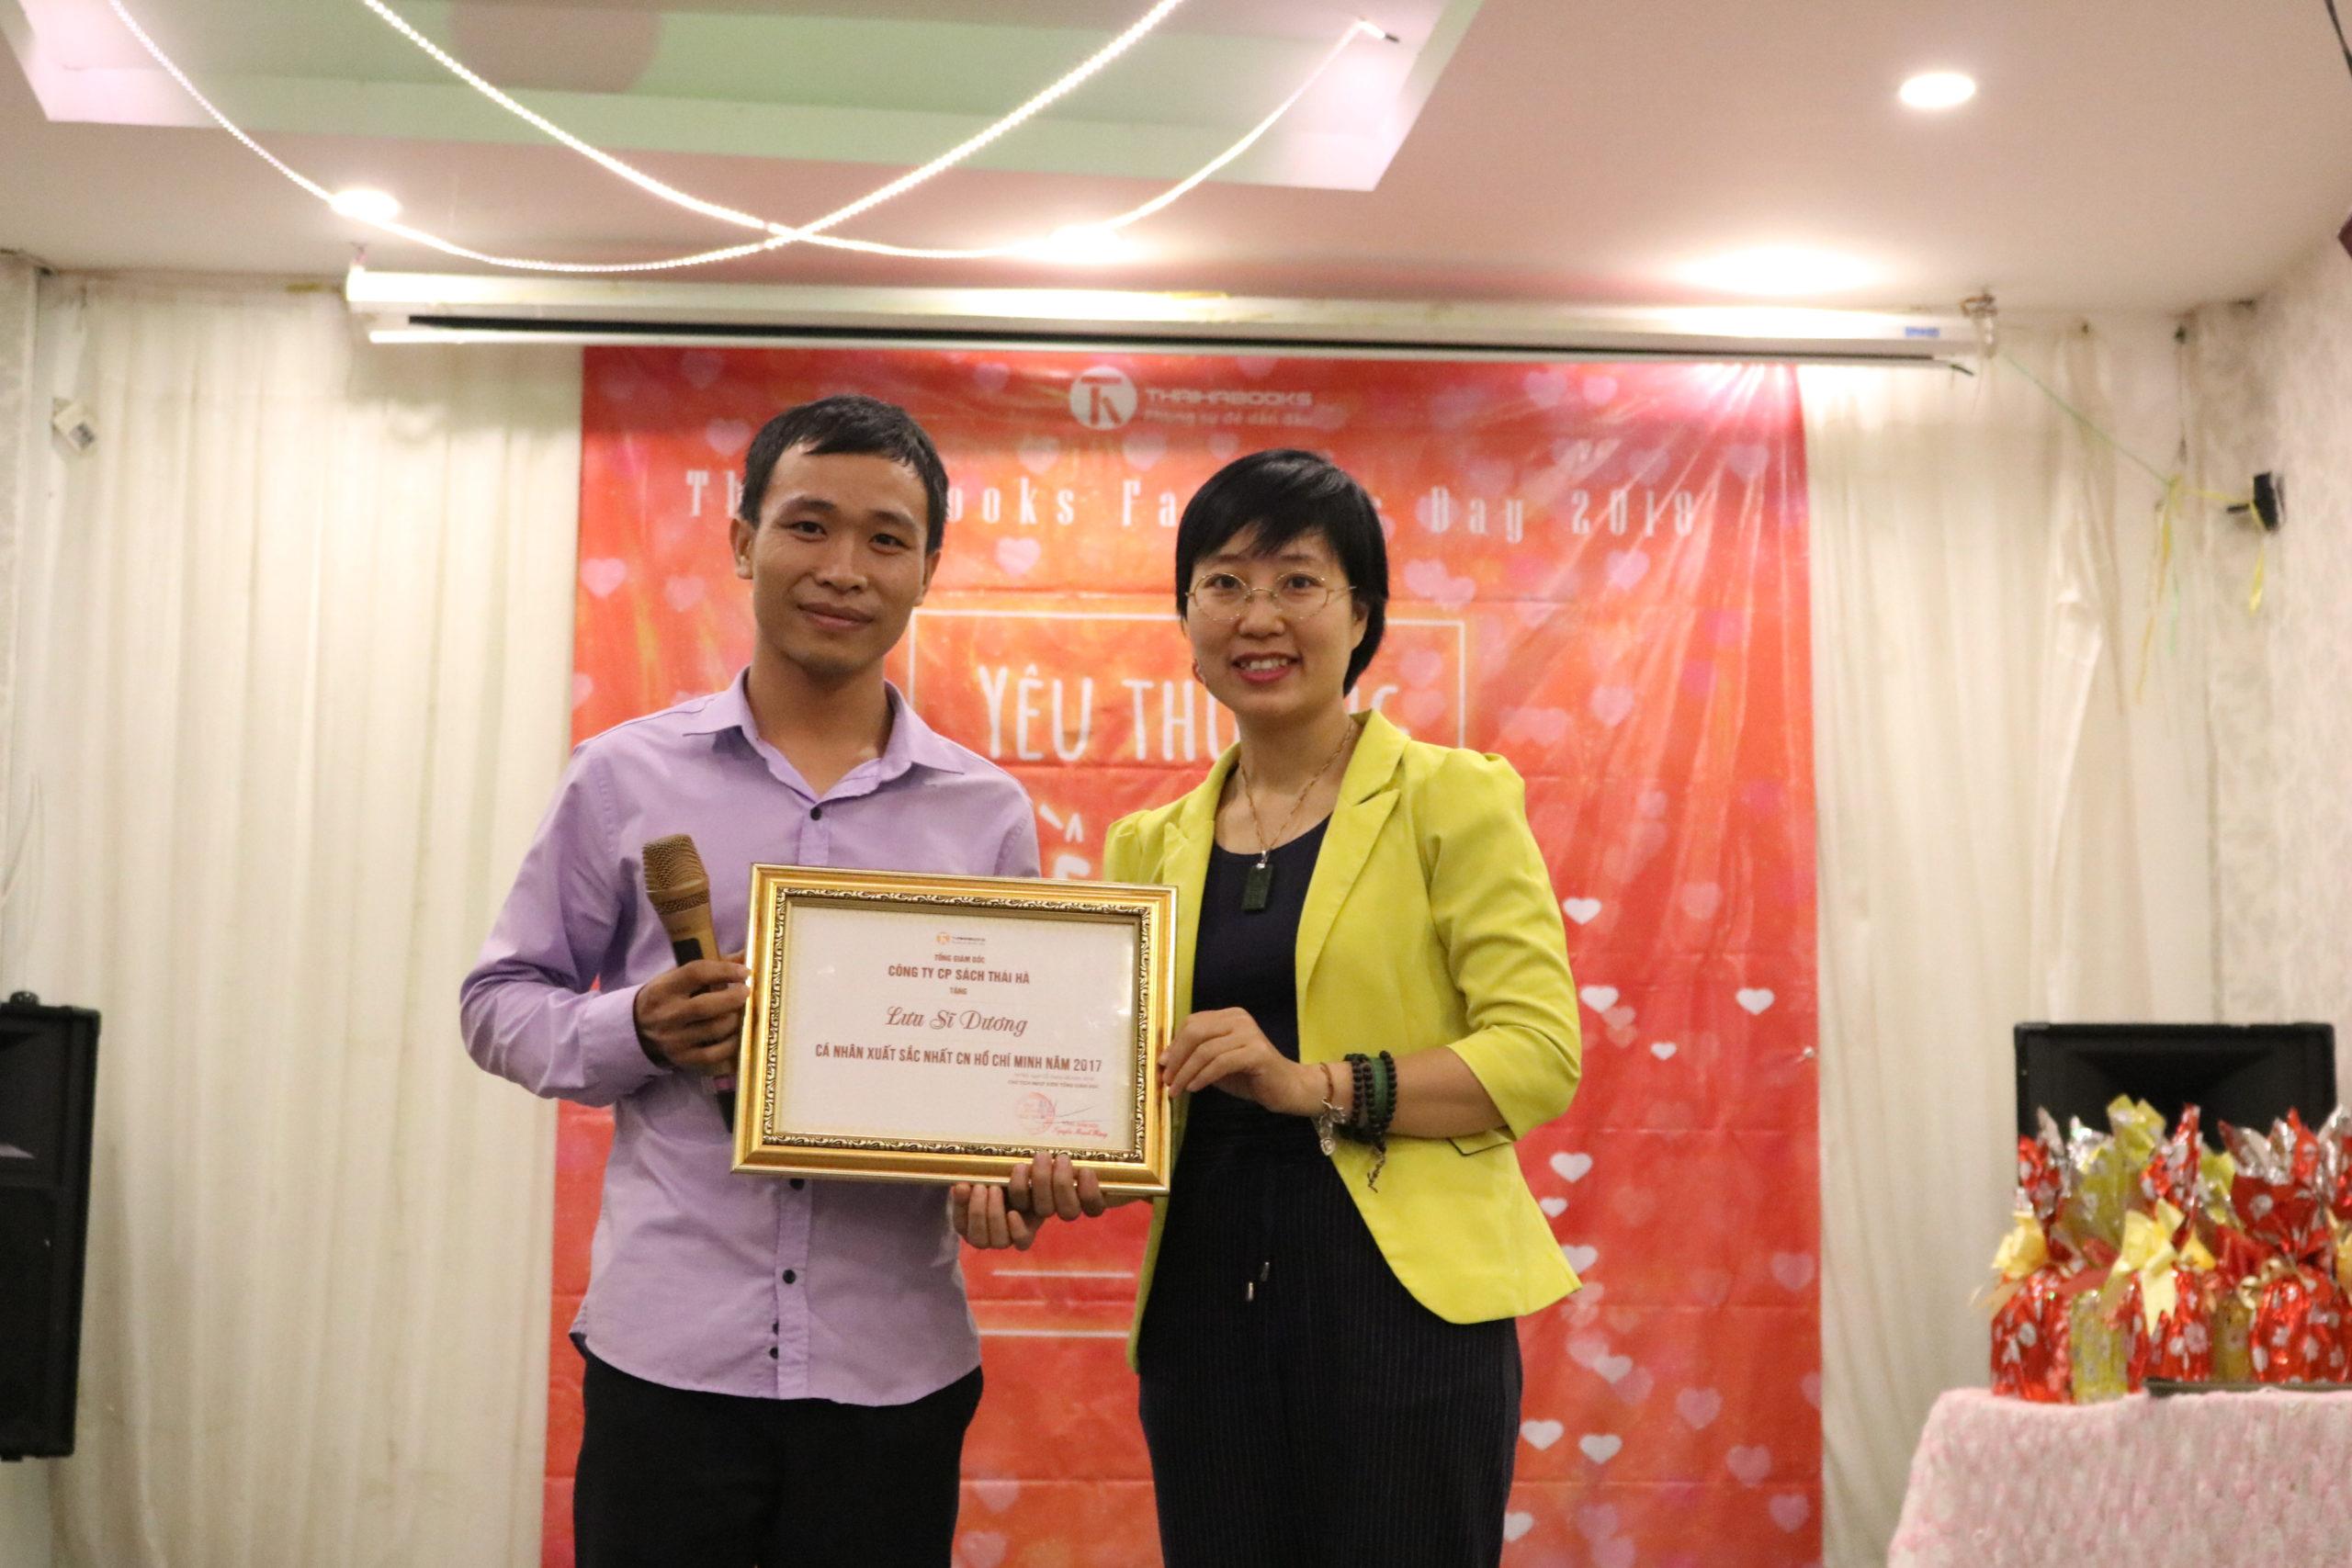 Lưu Sĩ Dương – Cá nhân Hồ Chí Minh xuất sắc nhất năm 2017